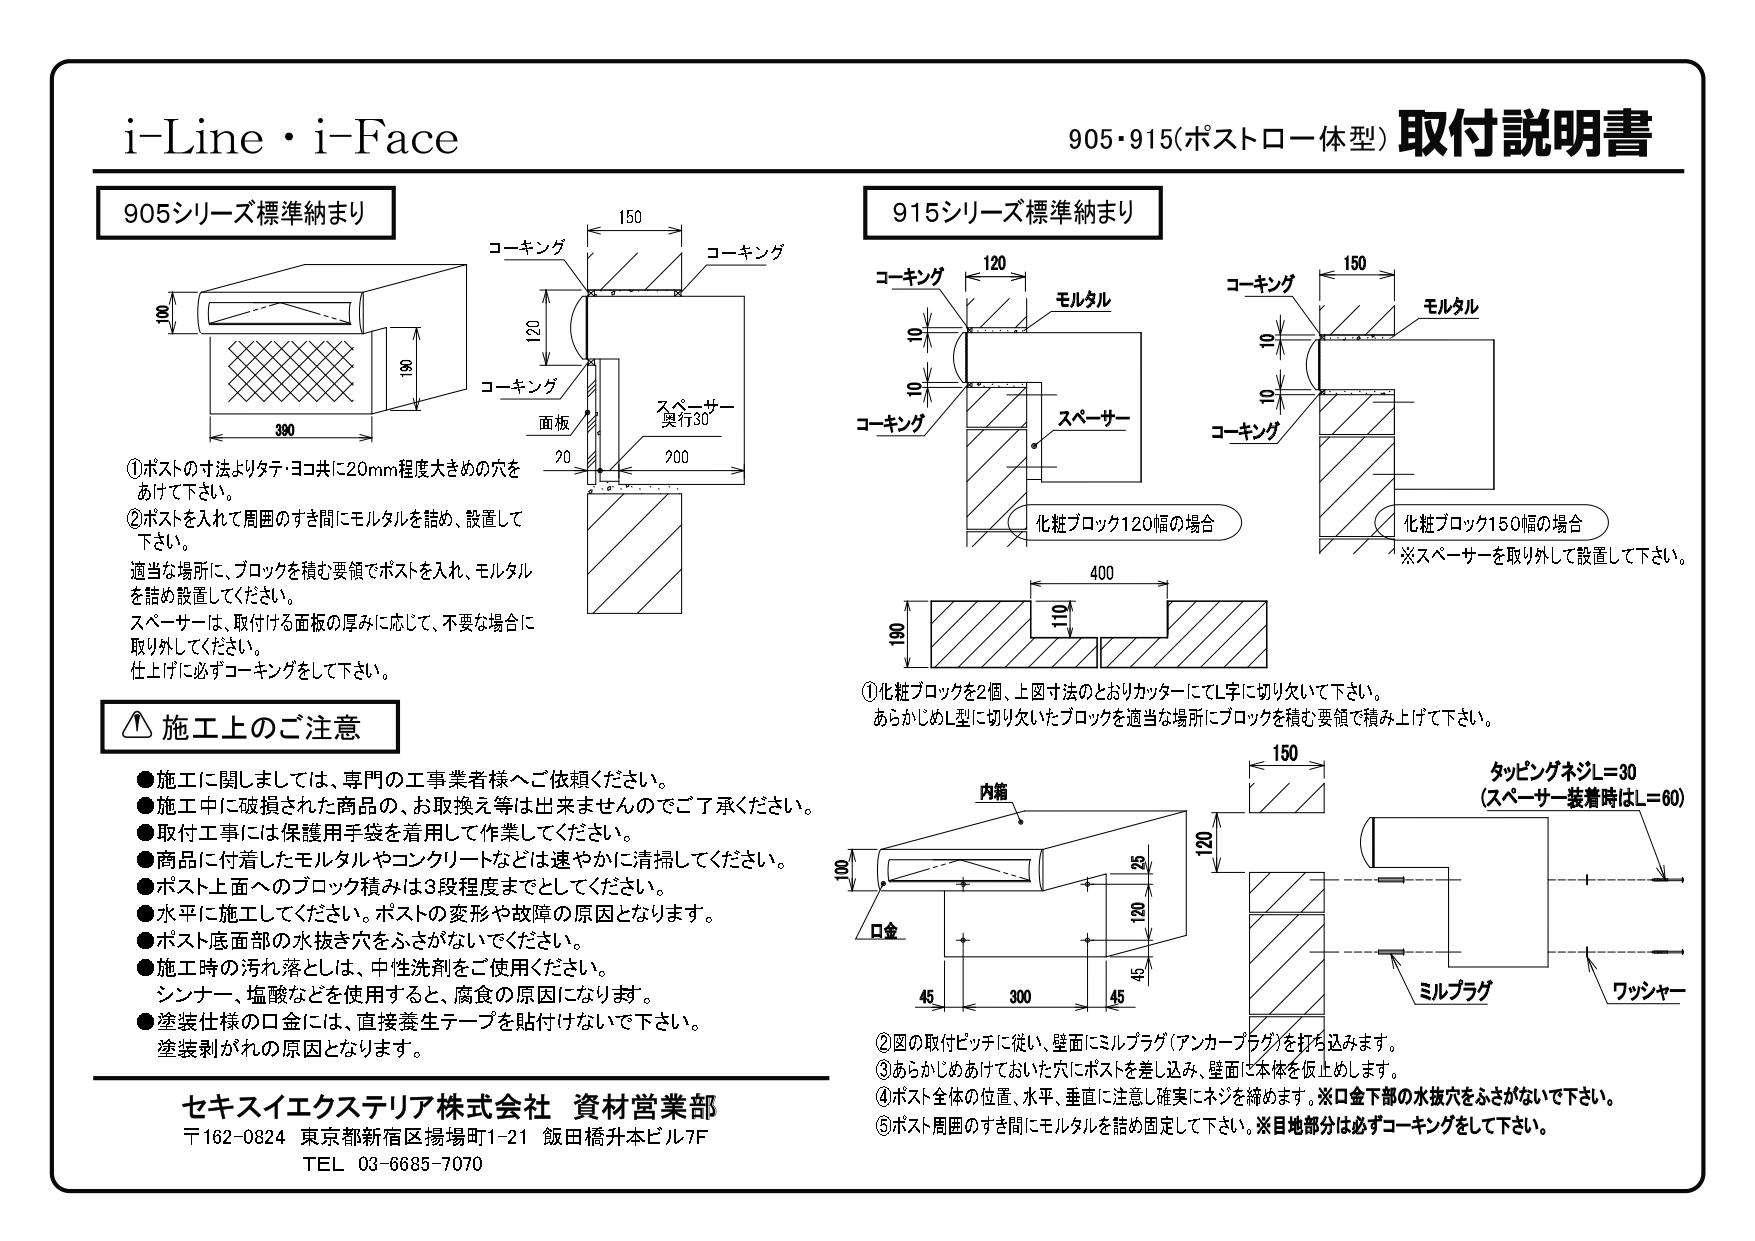 アイライン タイプR 施工説明書_page-0005